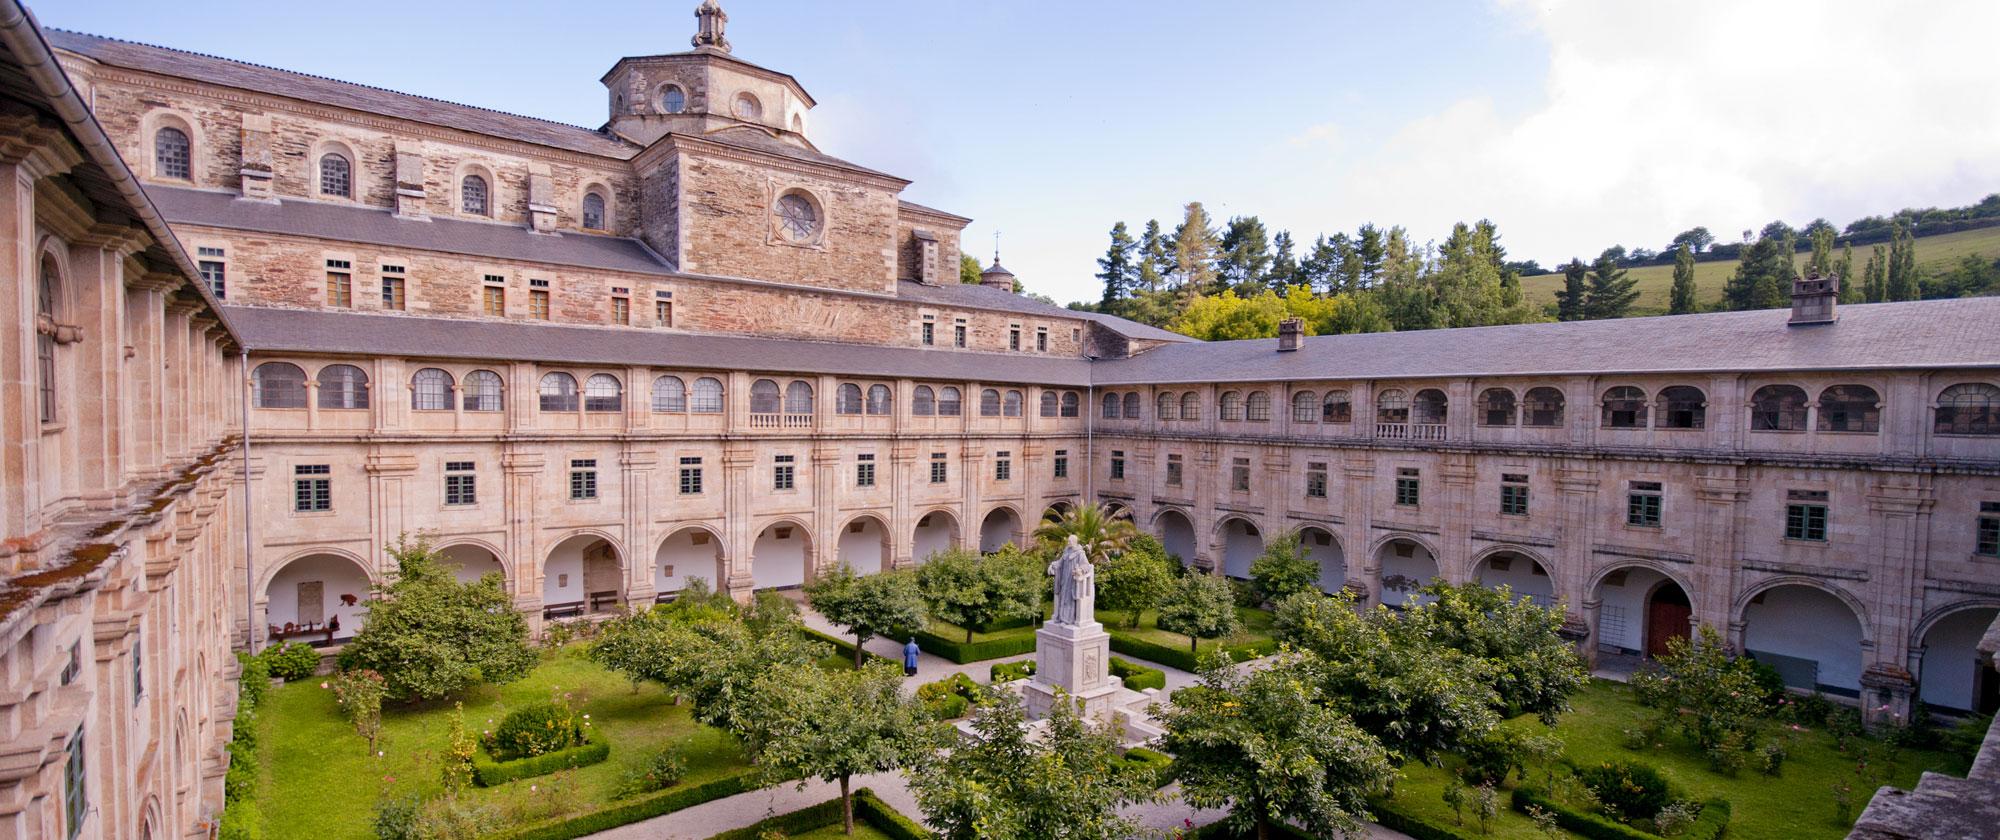 En el Camino de Santiago, San Julián de Samos: un monasterio que nace cuando los suevos poblaban Galicia